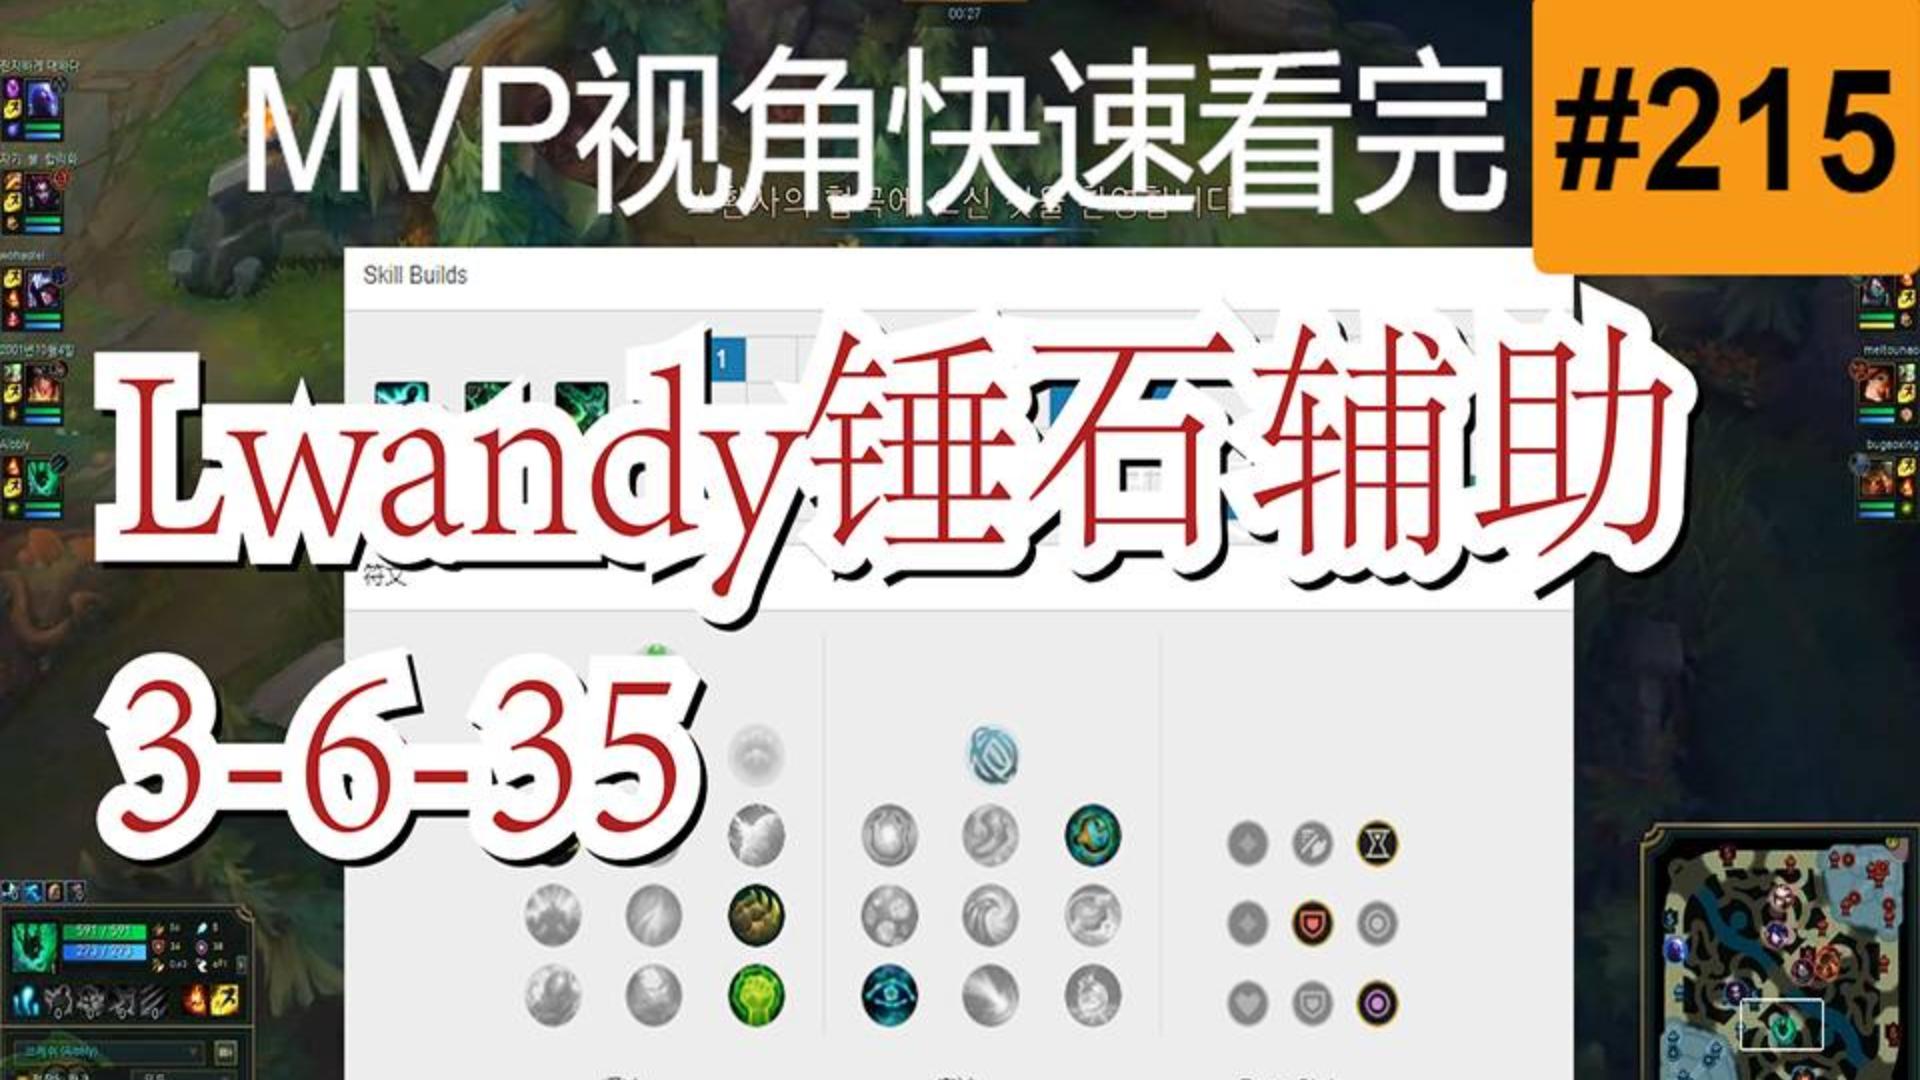 LNG.Lwandy锤石辅助【MVP视角快速看完一局王者排位】#215